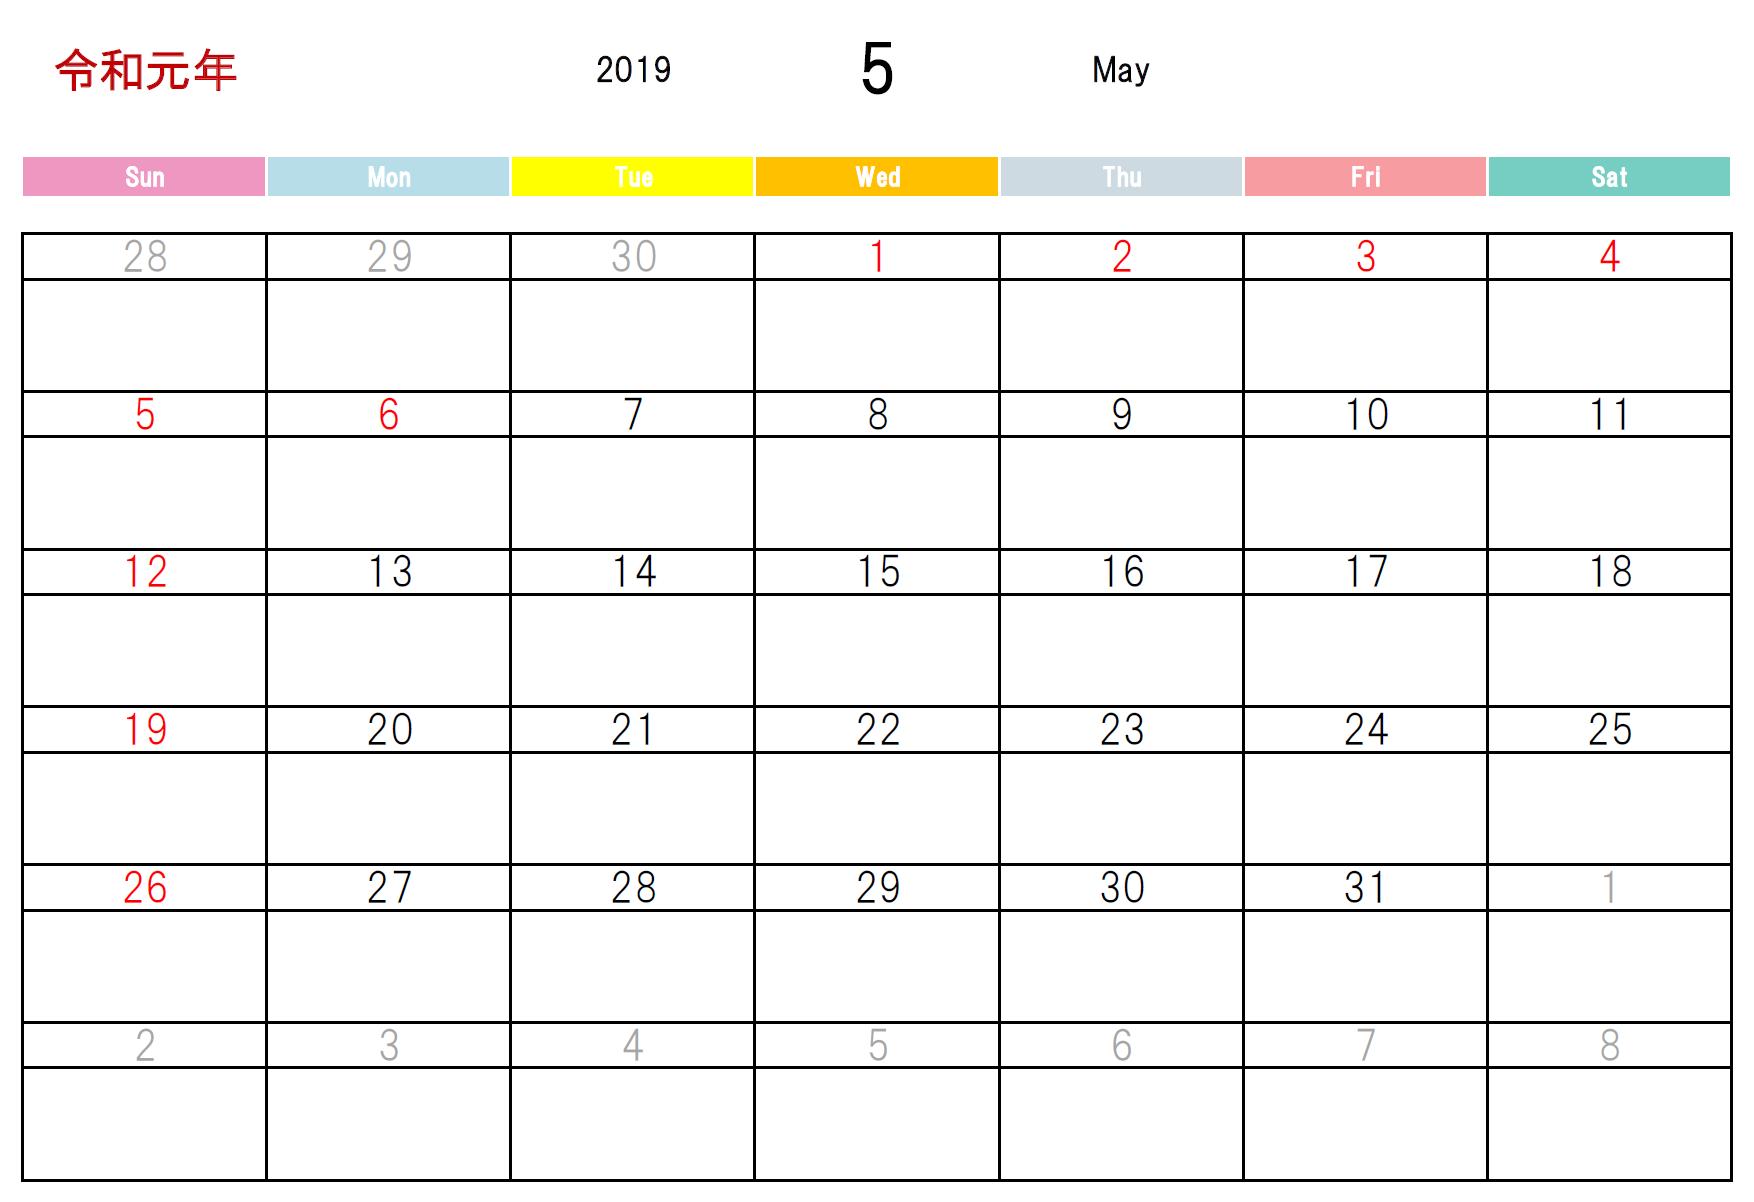 使い方が簡単な万年カレンダー!ToDoリスト「エクセル」